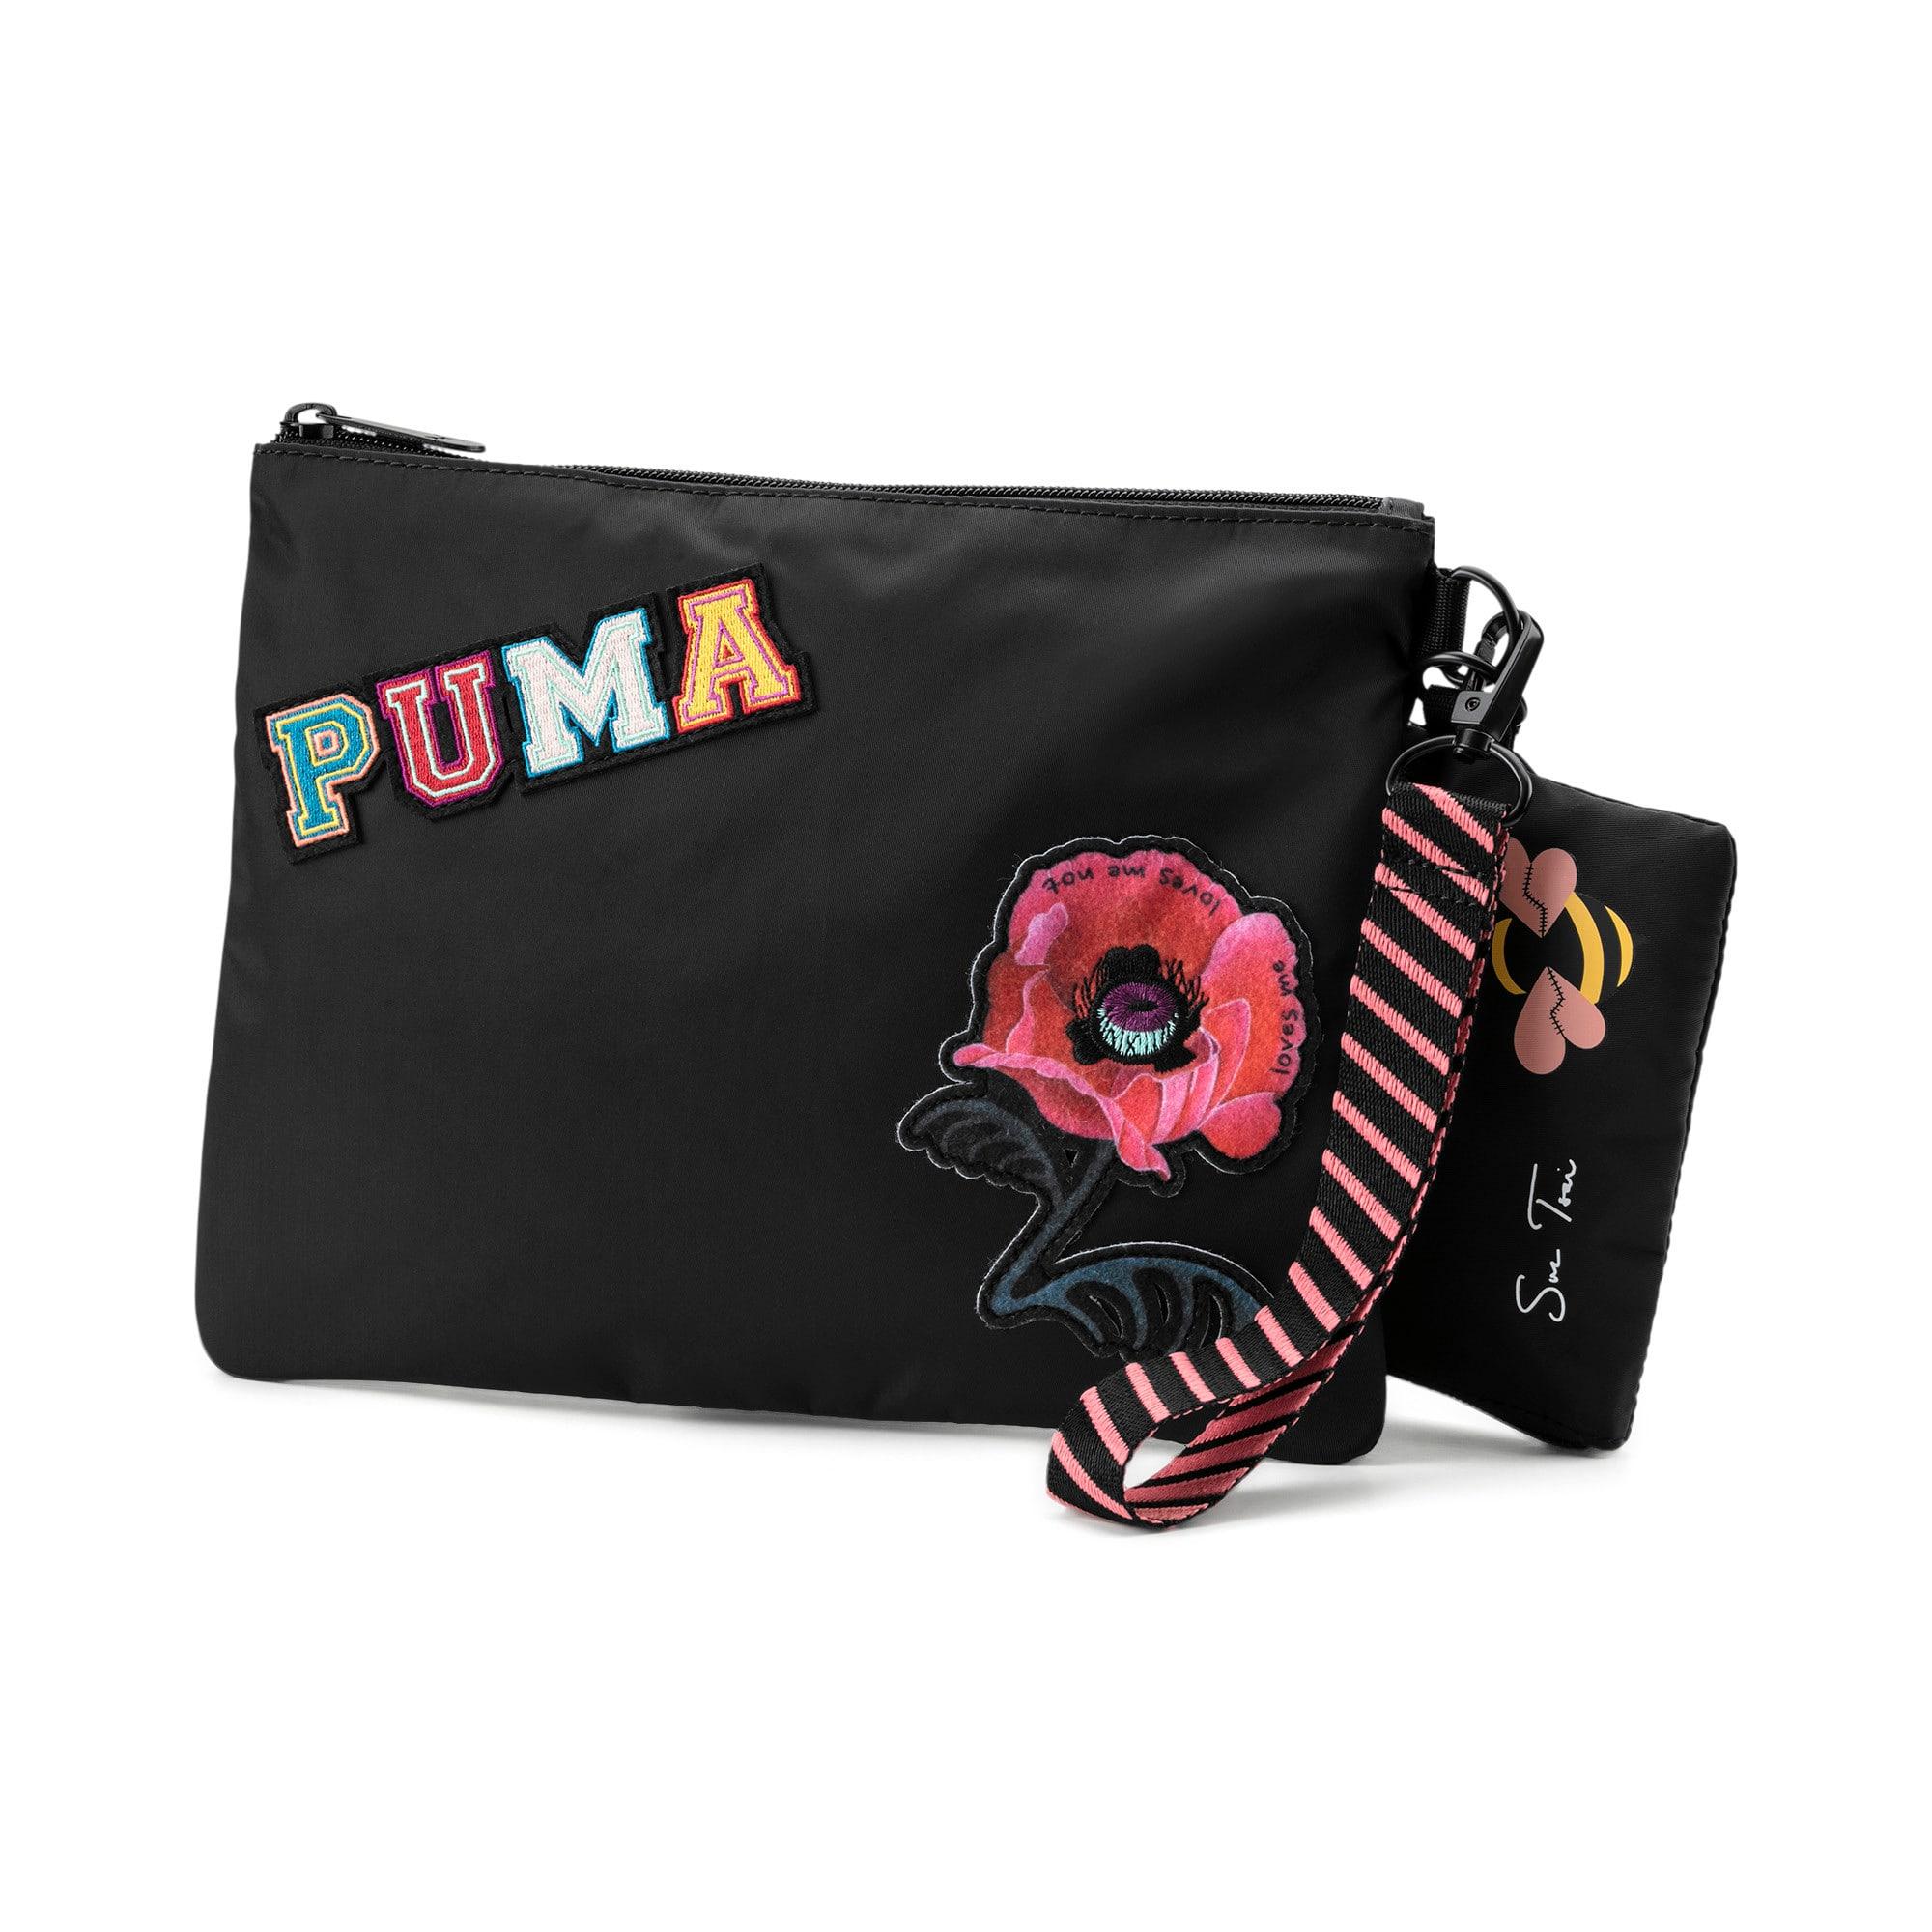 Thumbnail 1 of PUMA x Sue Tsai Women's Pouch, Puma Black, medium